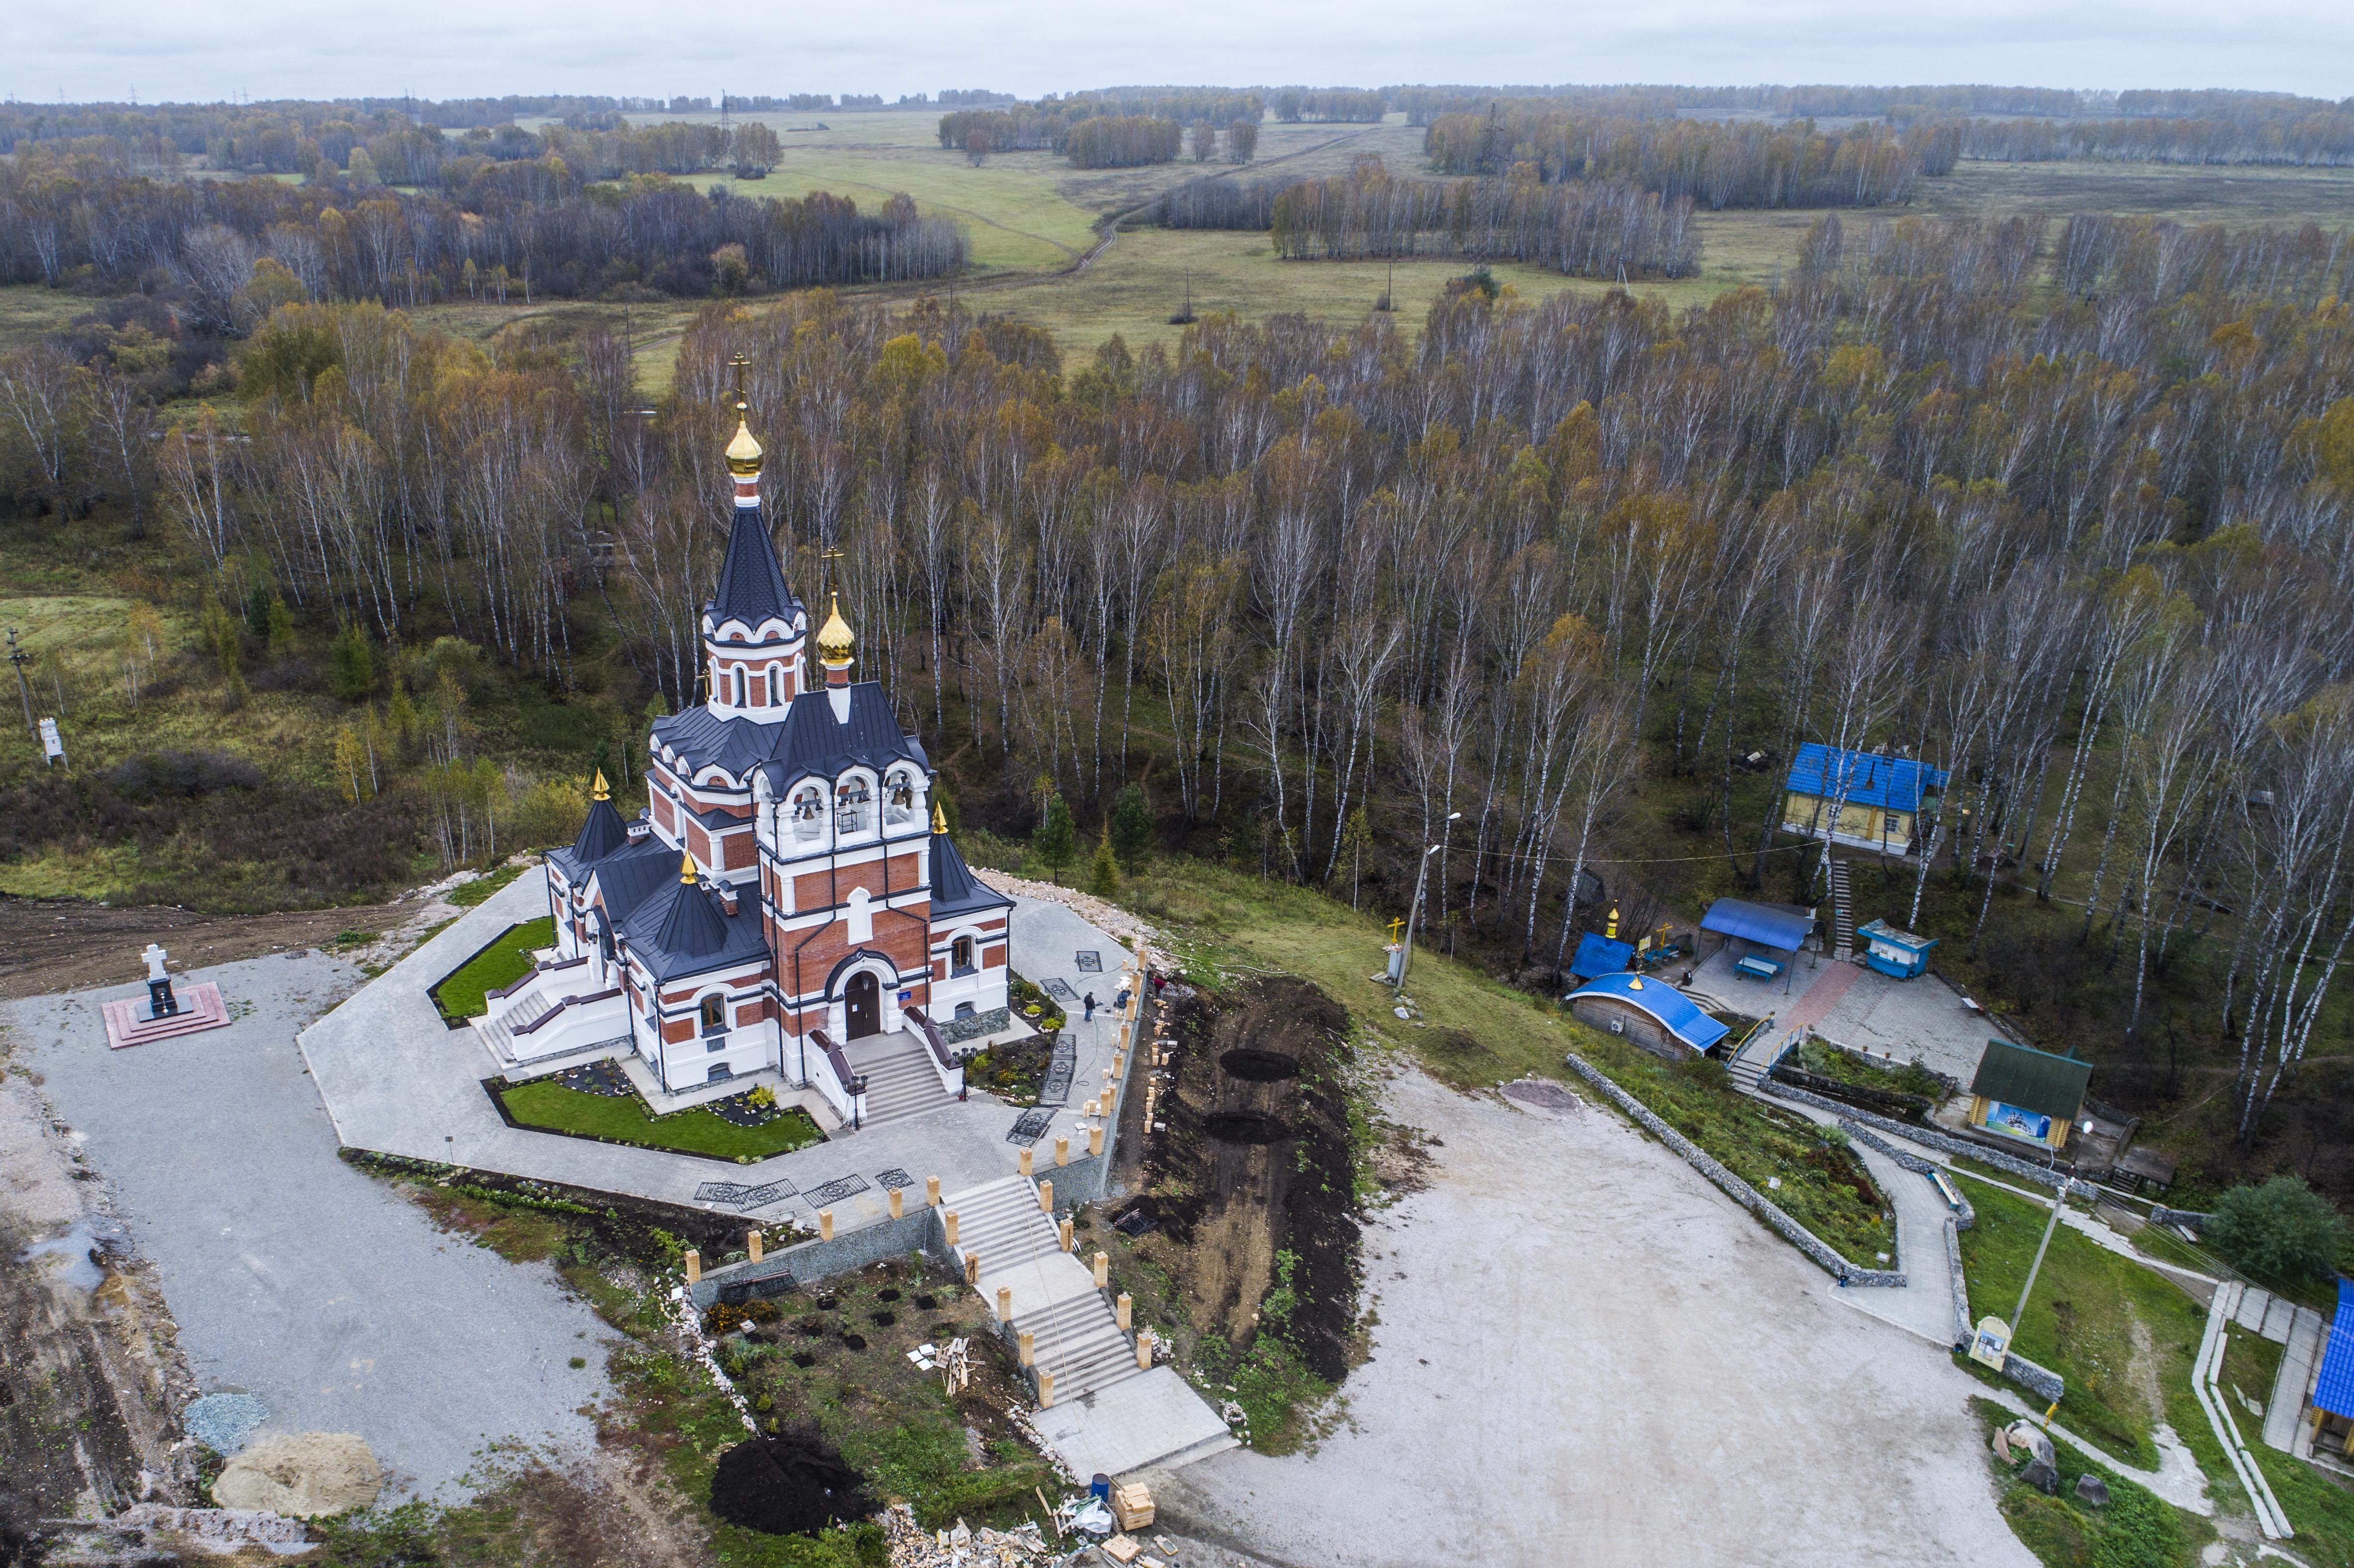 Проект о духовном краеведении Сибири стал победителем международного грантового конкурса «Православная инициатива»